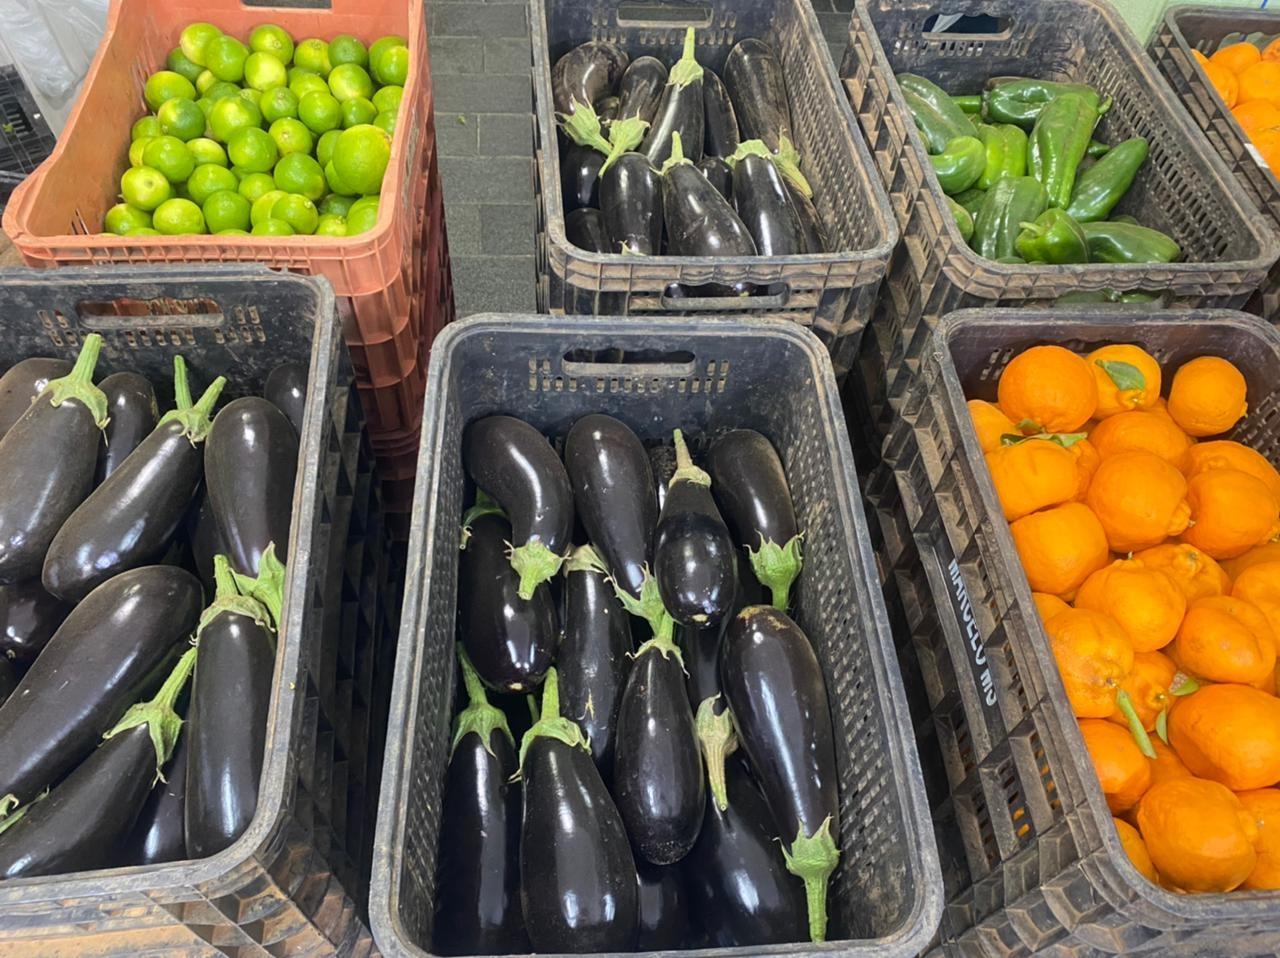 Caixas com verduras